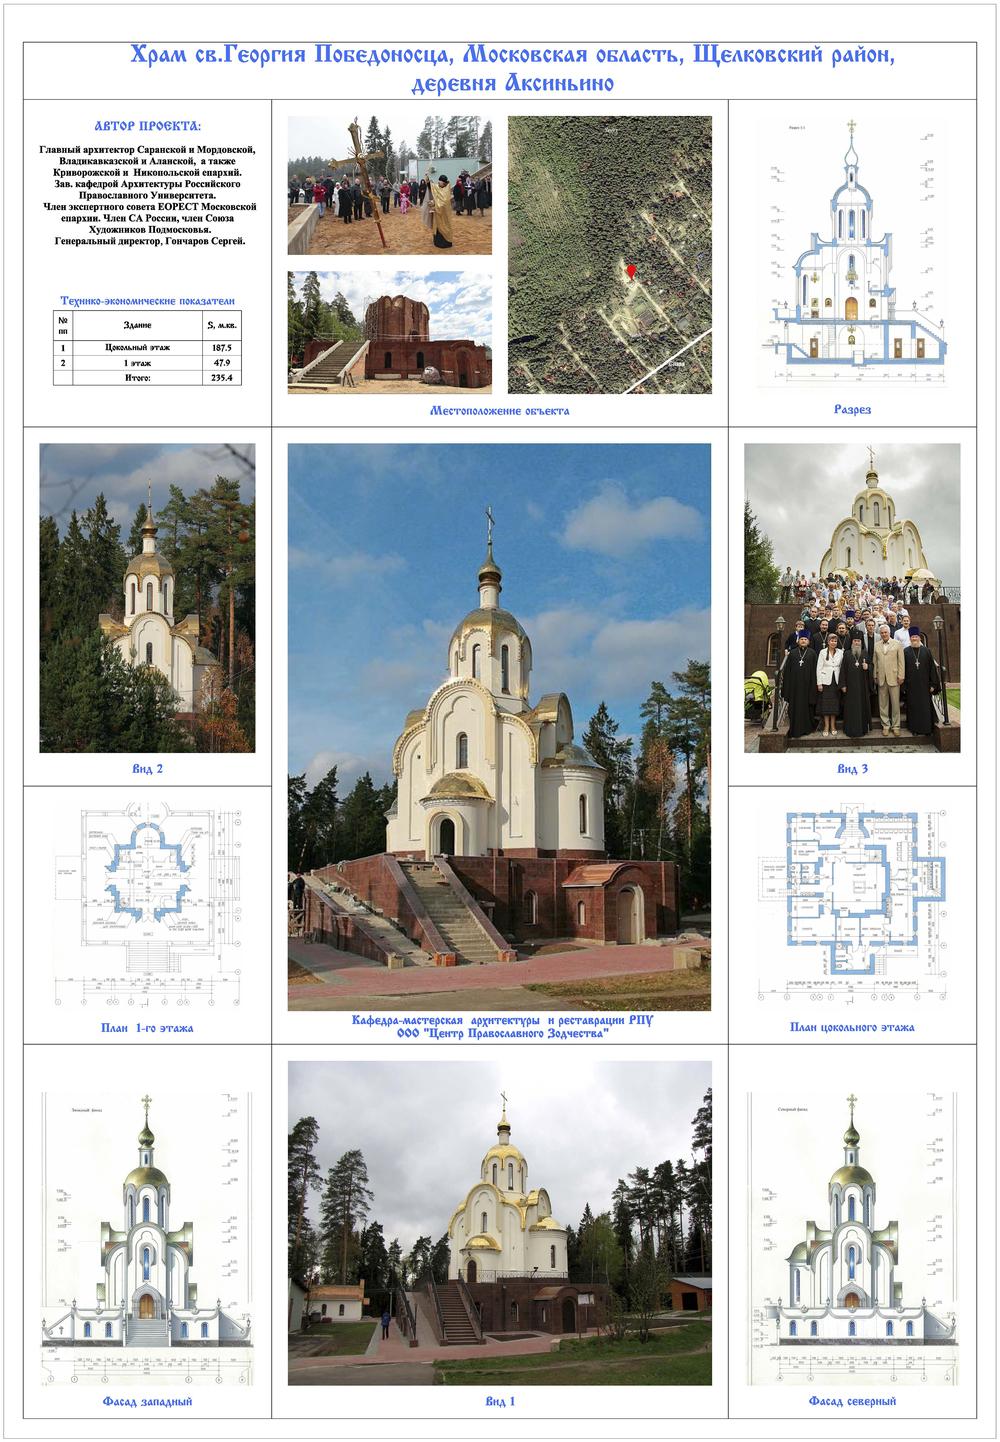 Центр православного зодчества   киз-слава.jpg